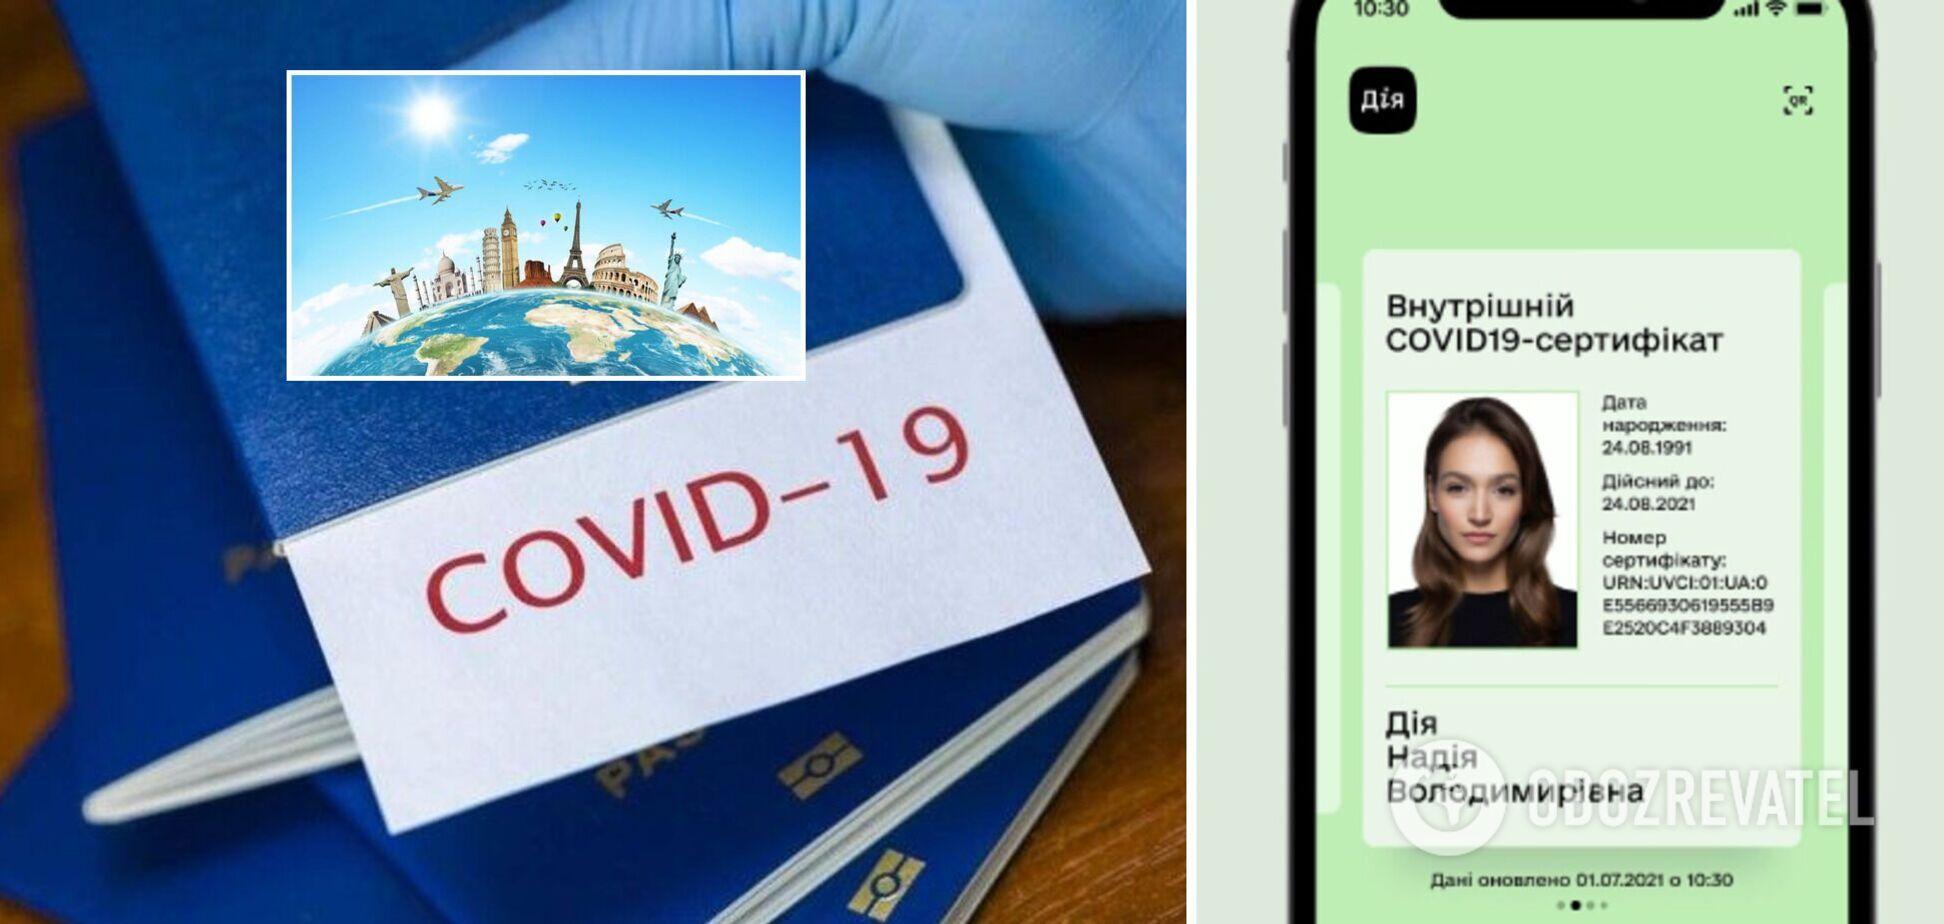 COVID-сертификаты пока что работают в тестовом режиме